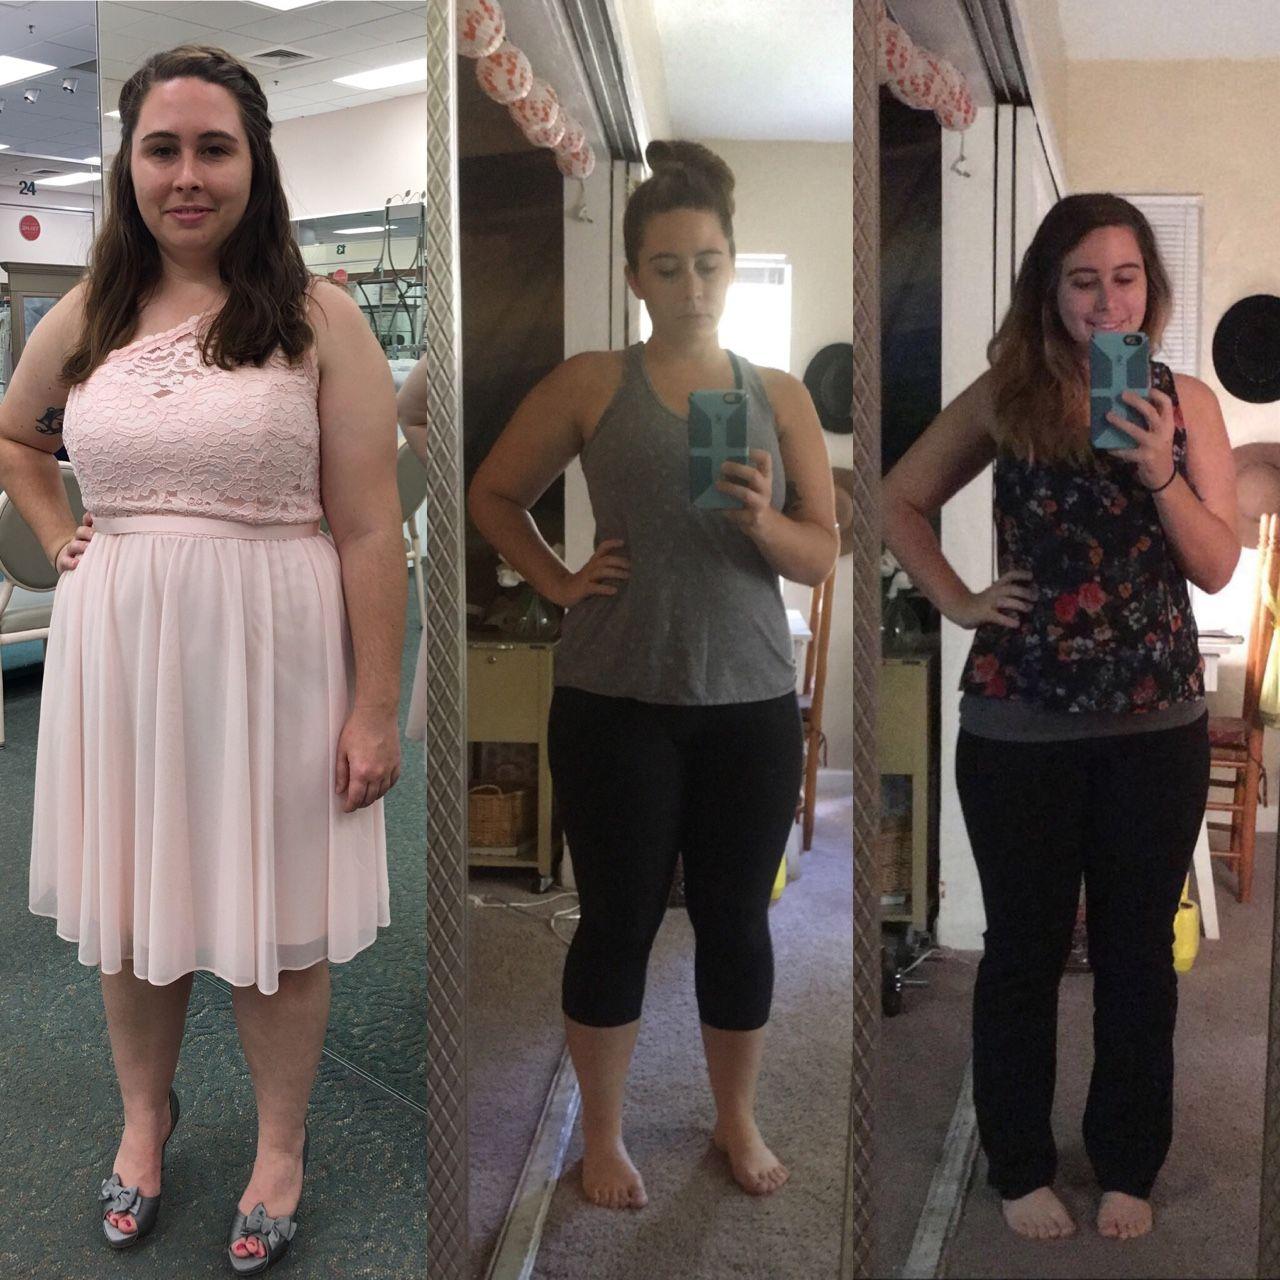 Отзывы Об Эффективном Похудении. Кто и как худел: отзывы похудевших о диетах и способах снижения веса